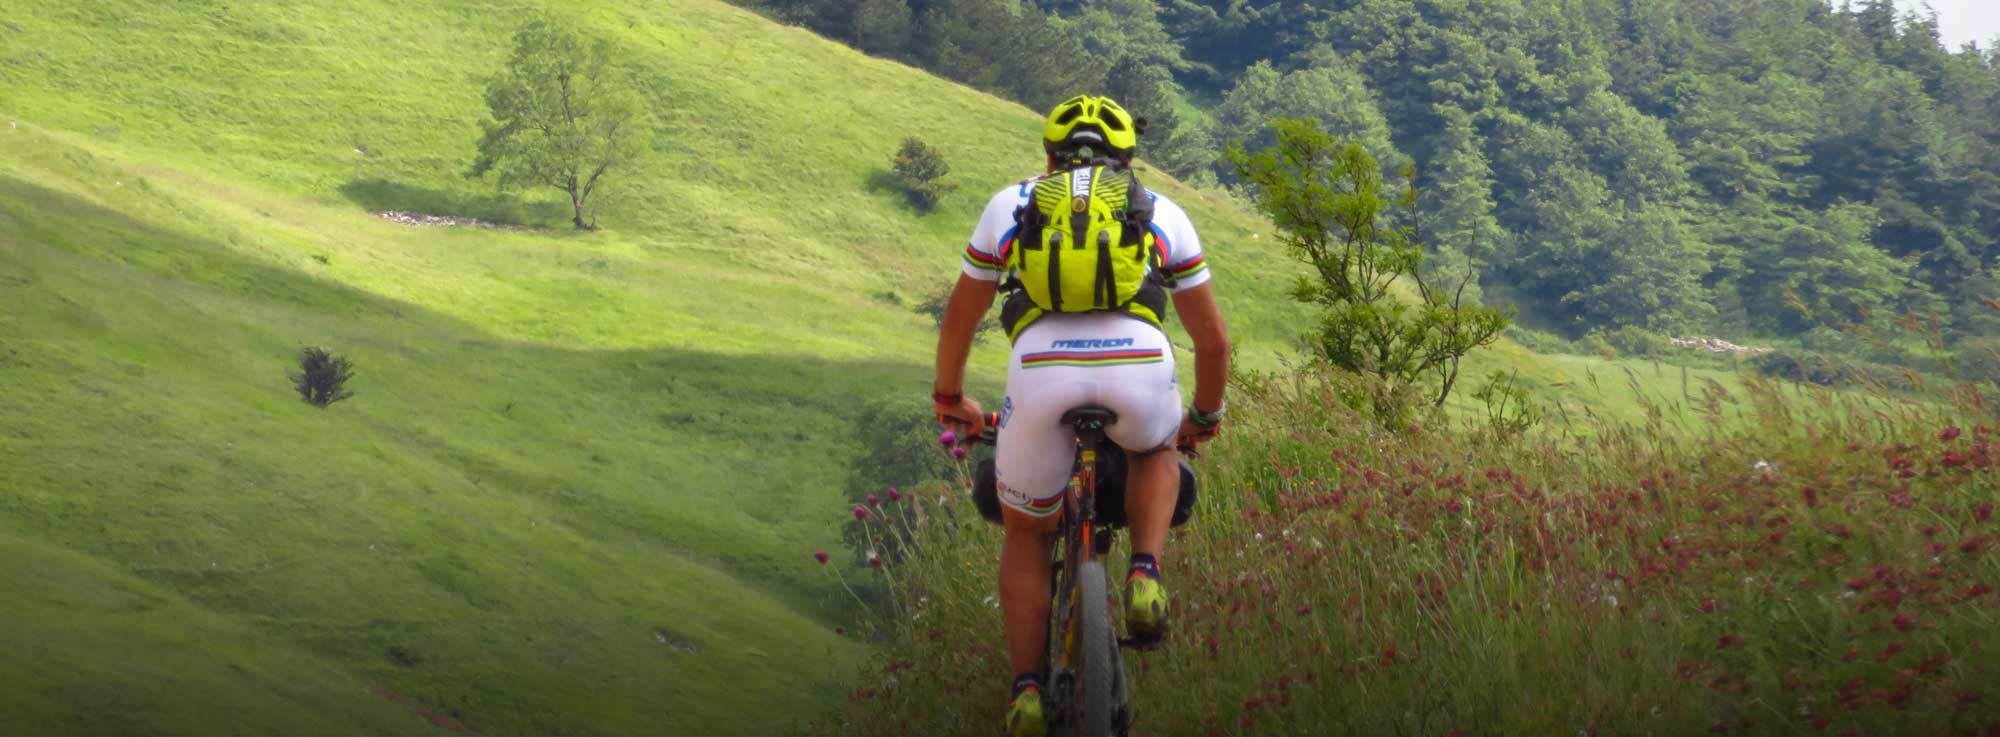 Peschici: Apulia Bike Trail